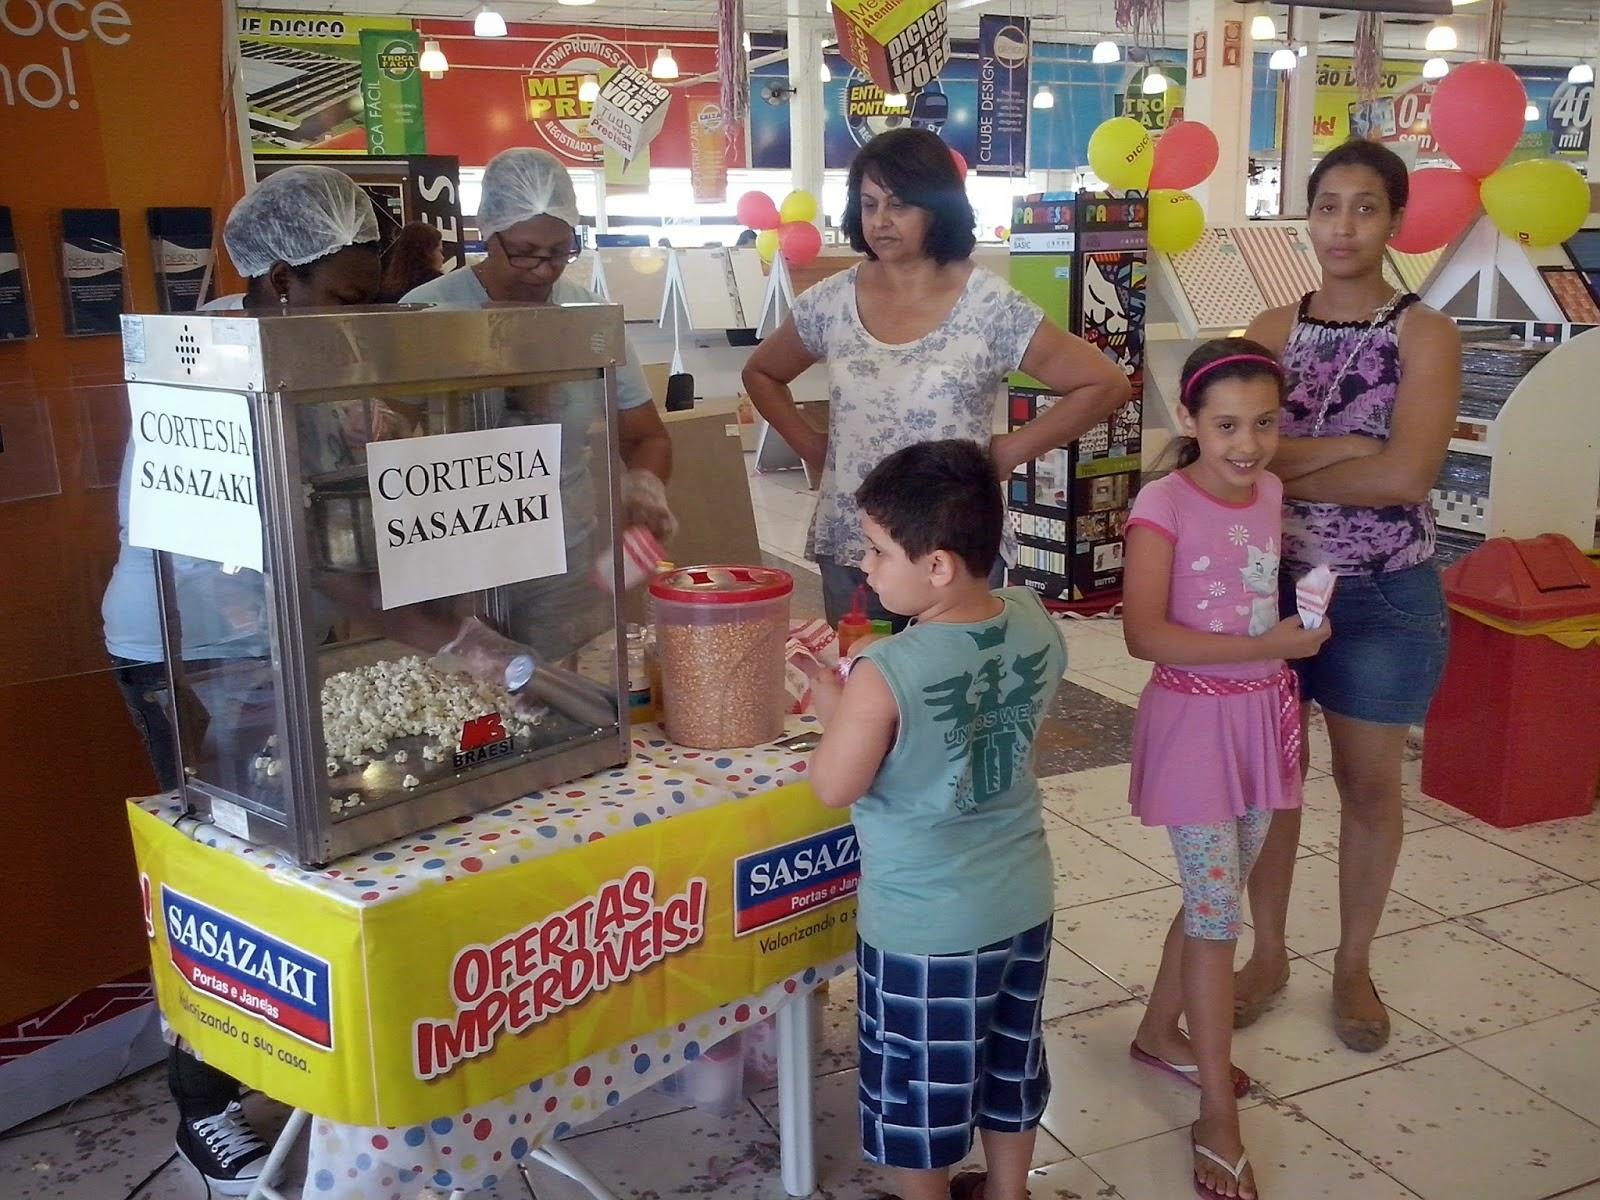 promoções em lojas